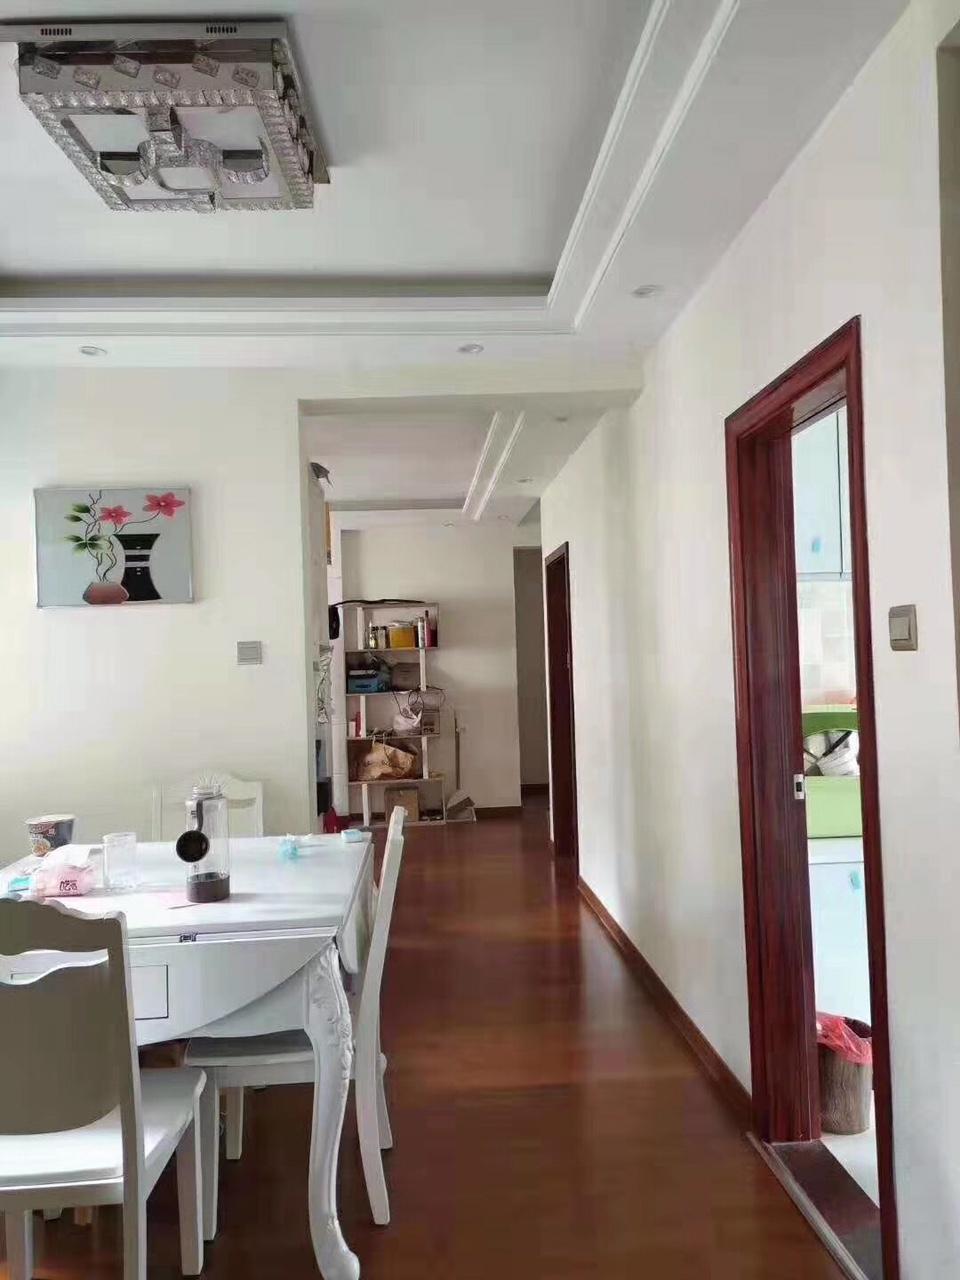 明汇城学区房,精装三室,地处城区繁华地段,交通便利